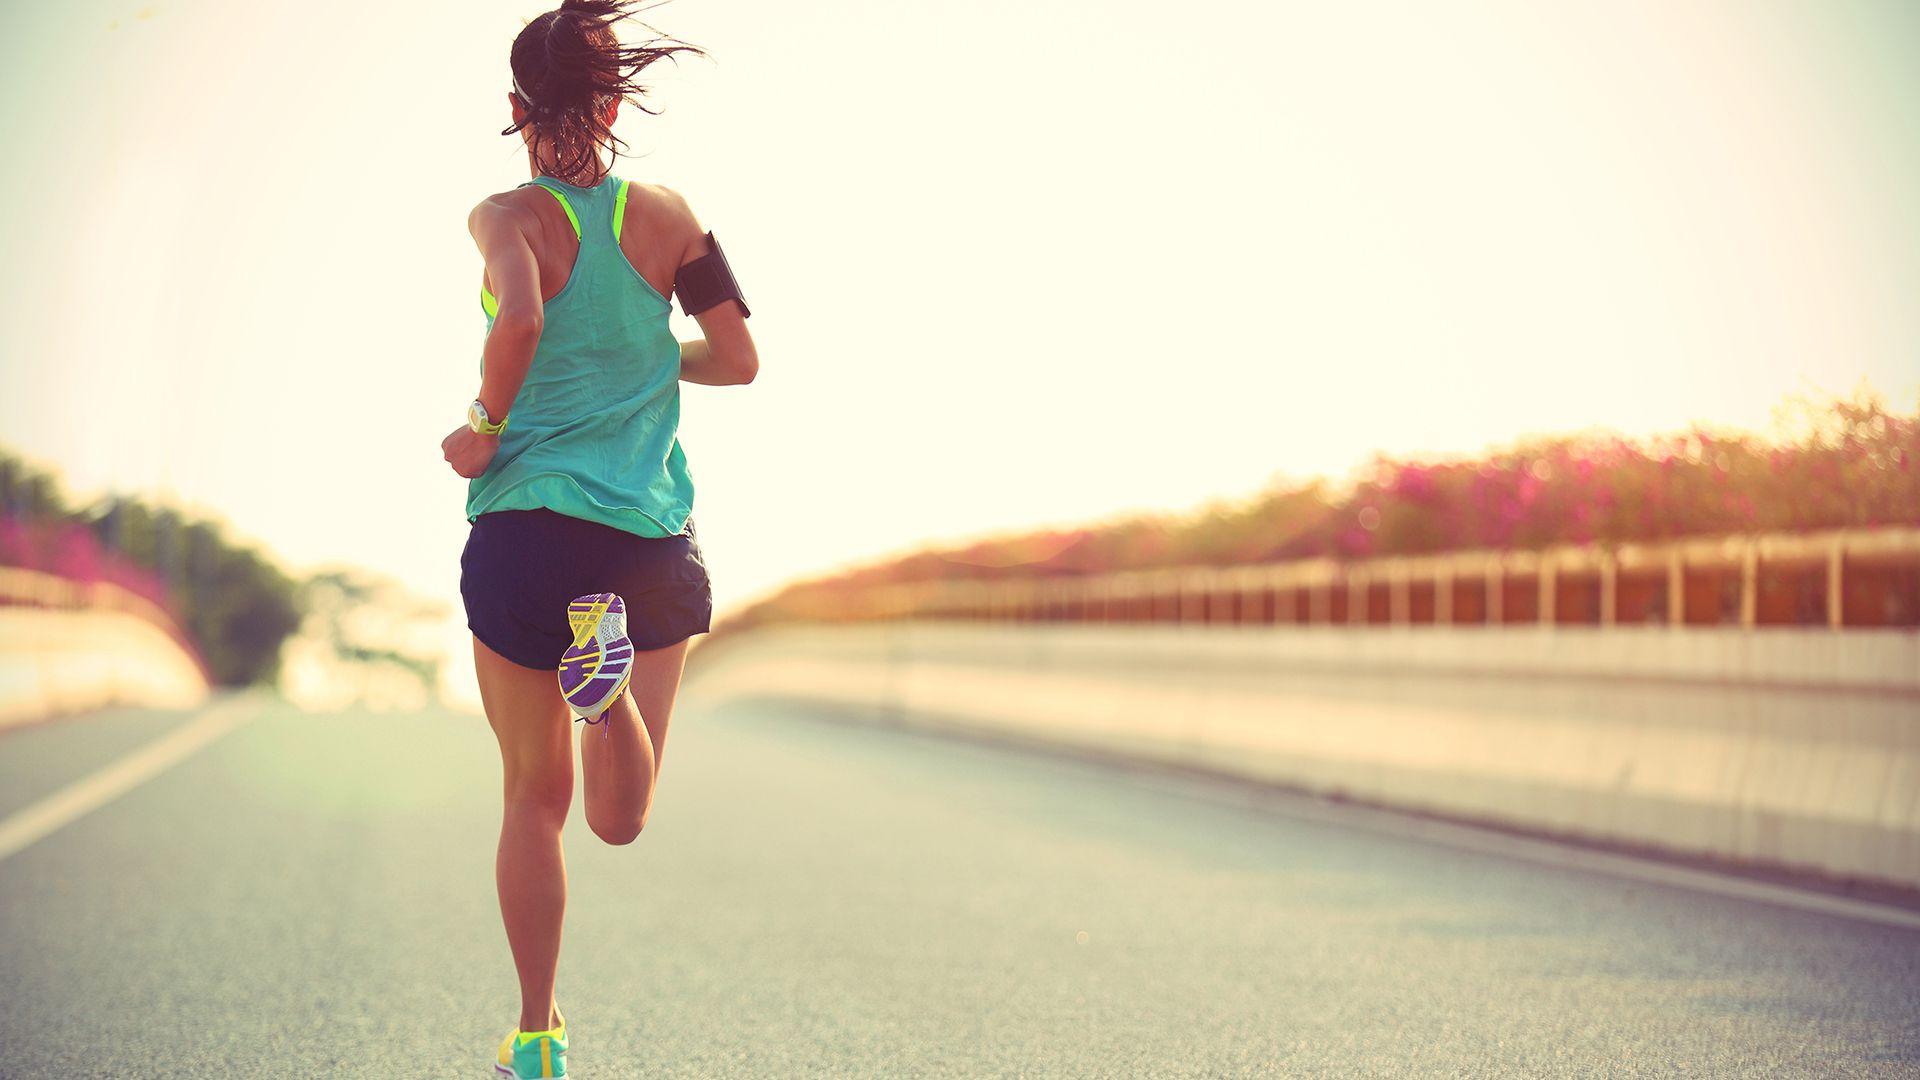 Running: cómo pisar correctamente al correr